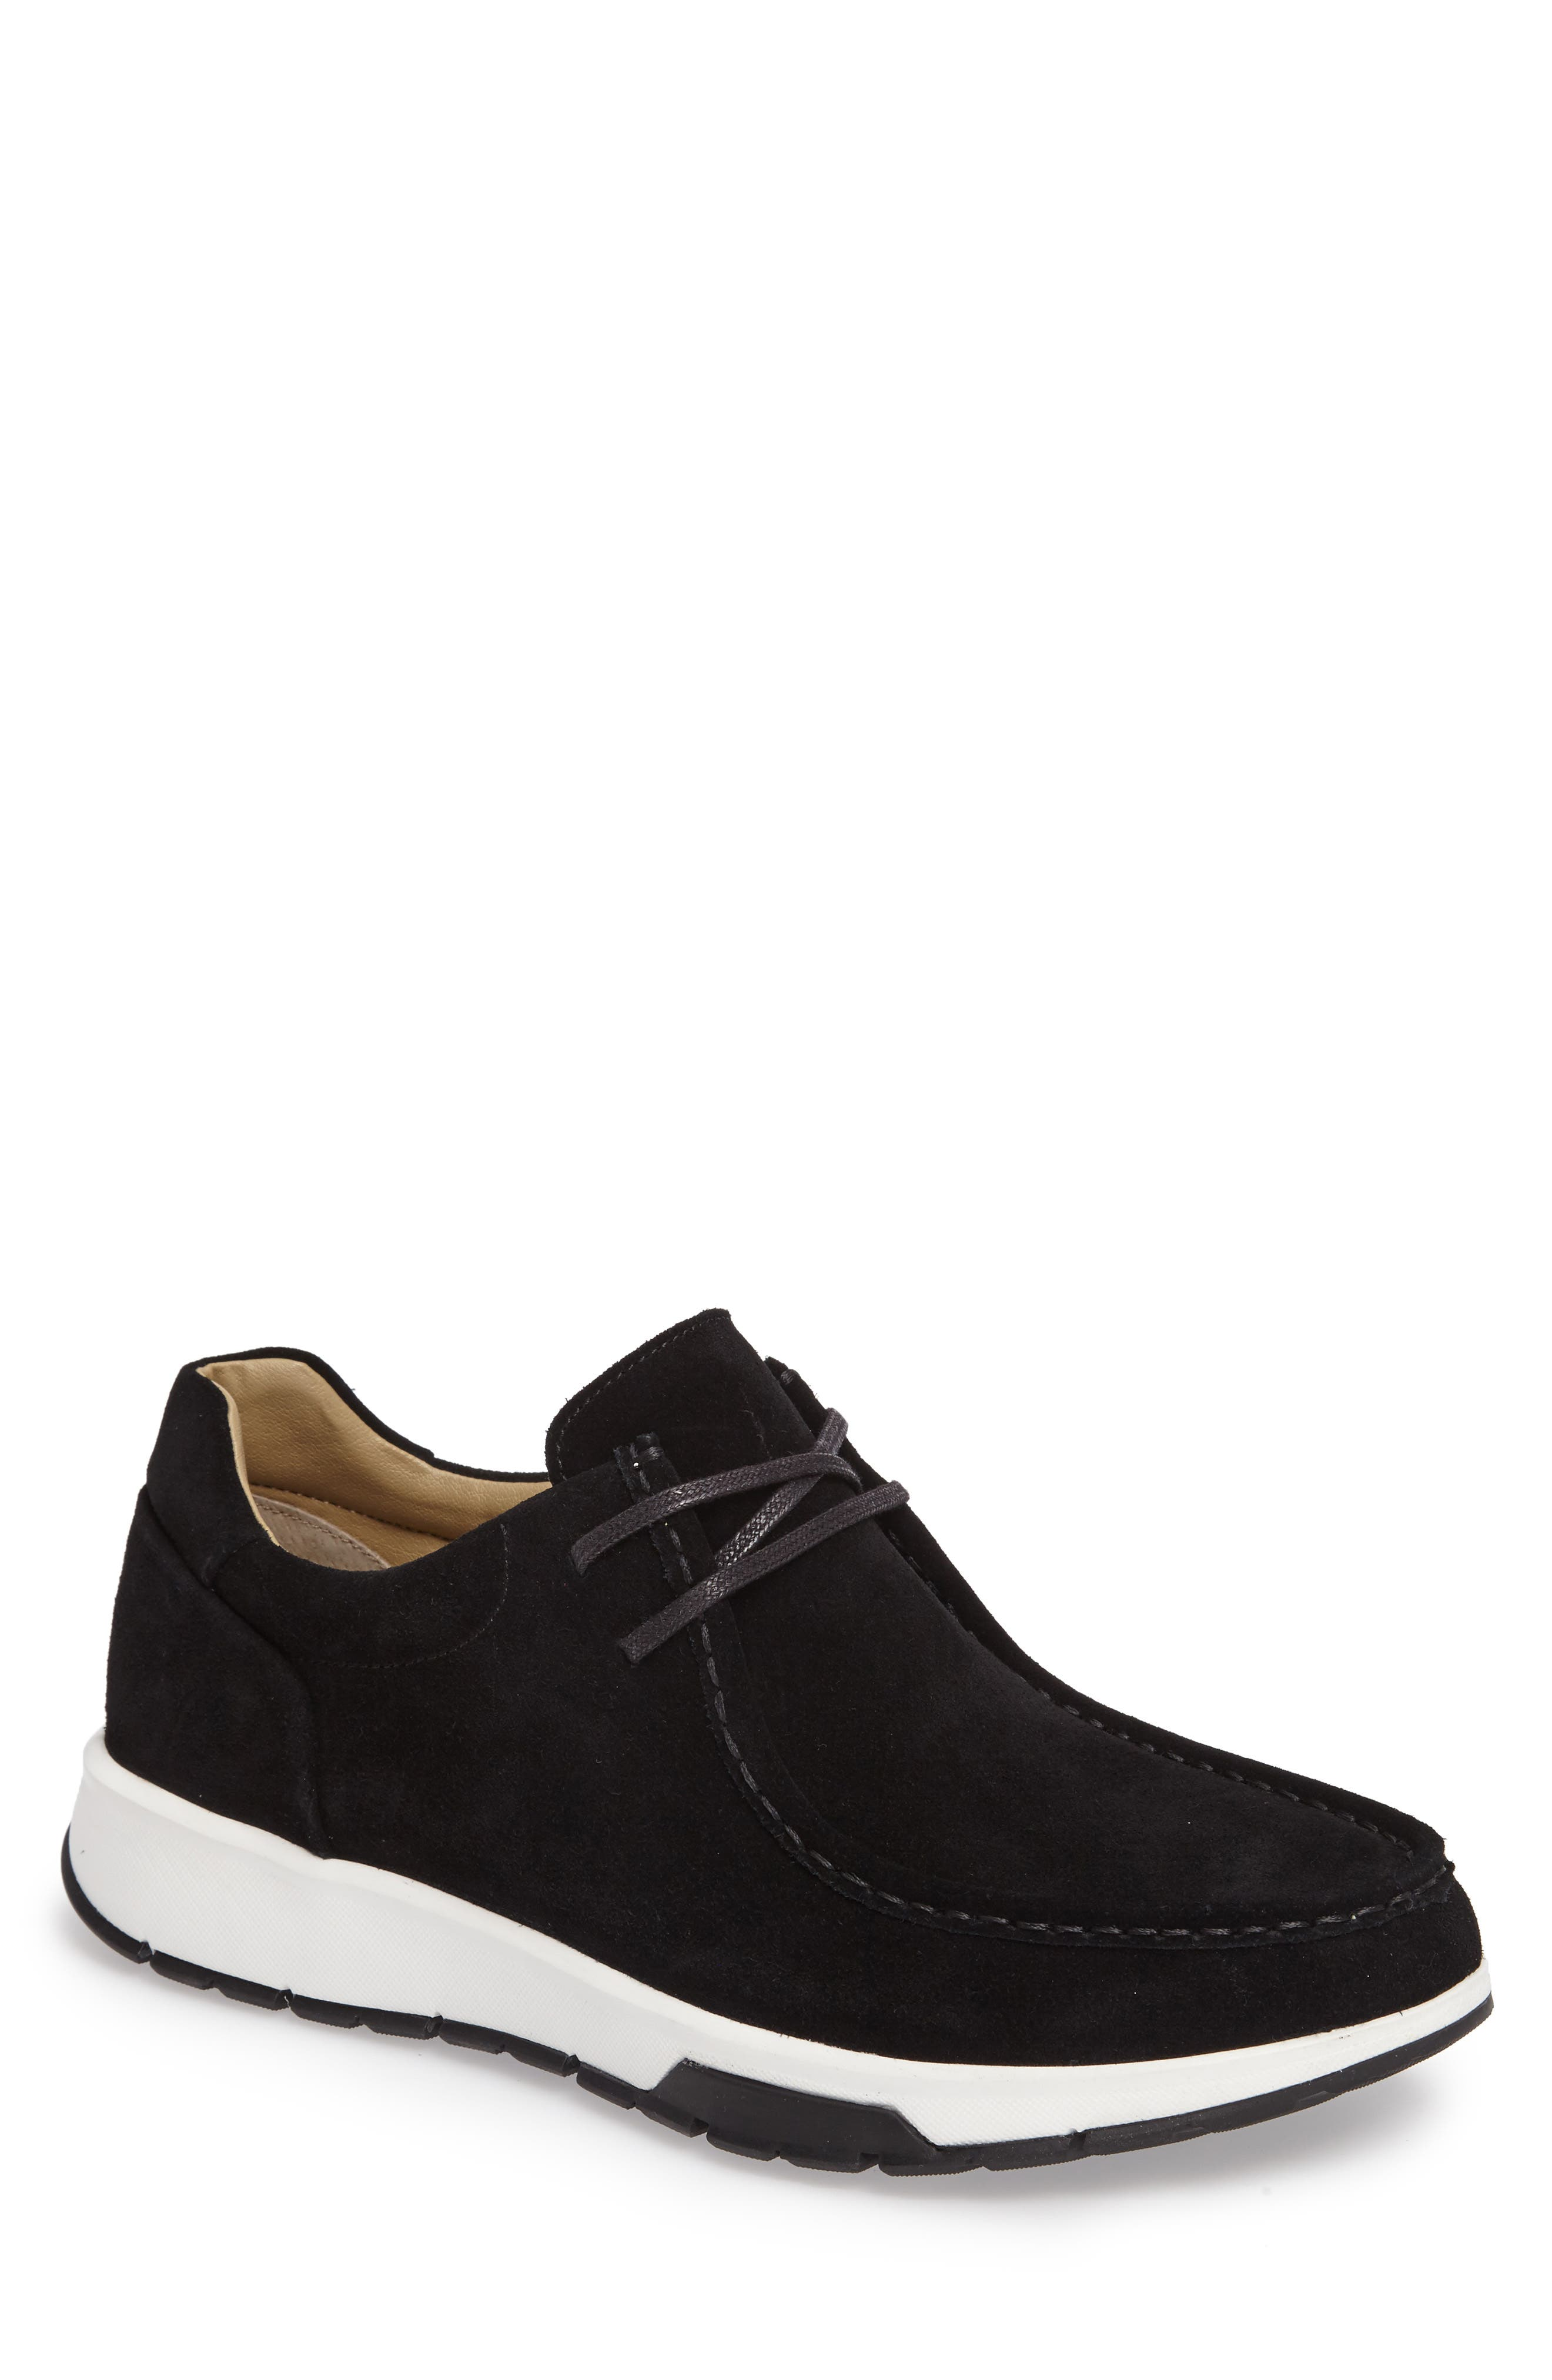 Main Image - Calvin Klein Kingsley Chukka Sneaker (Men)